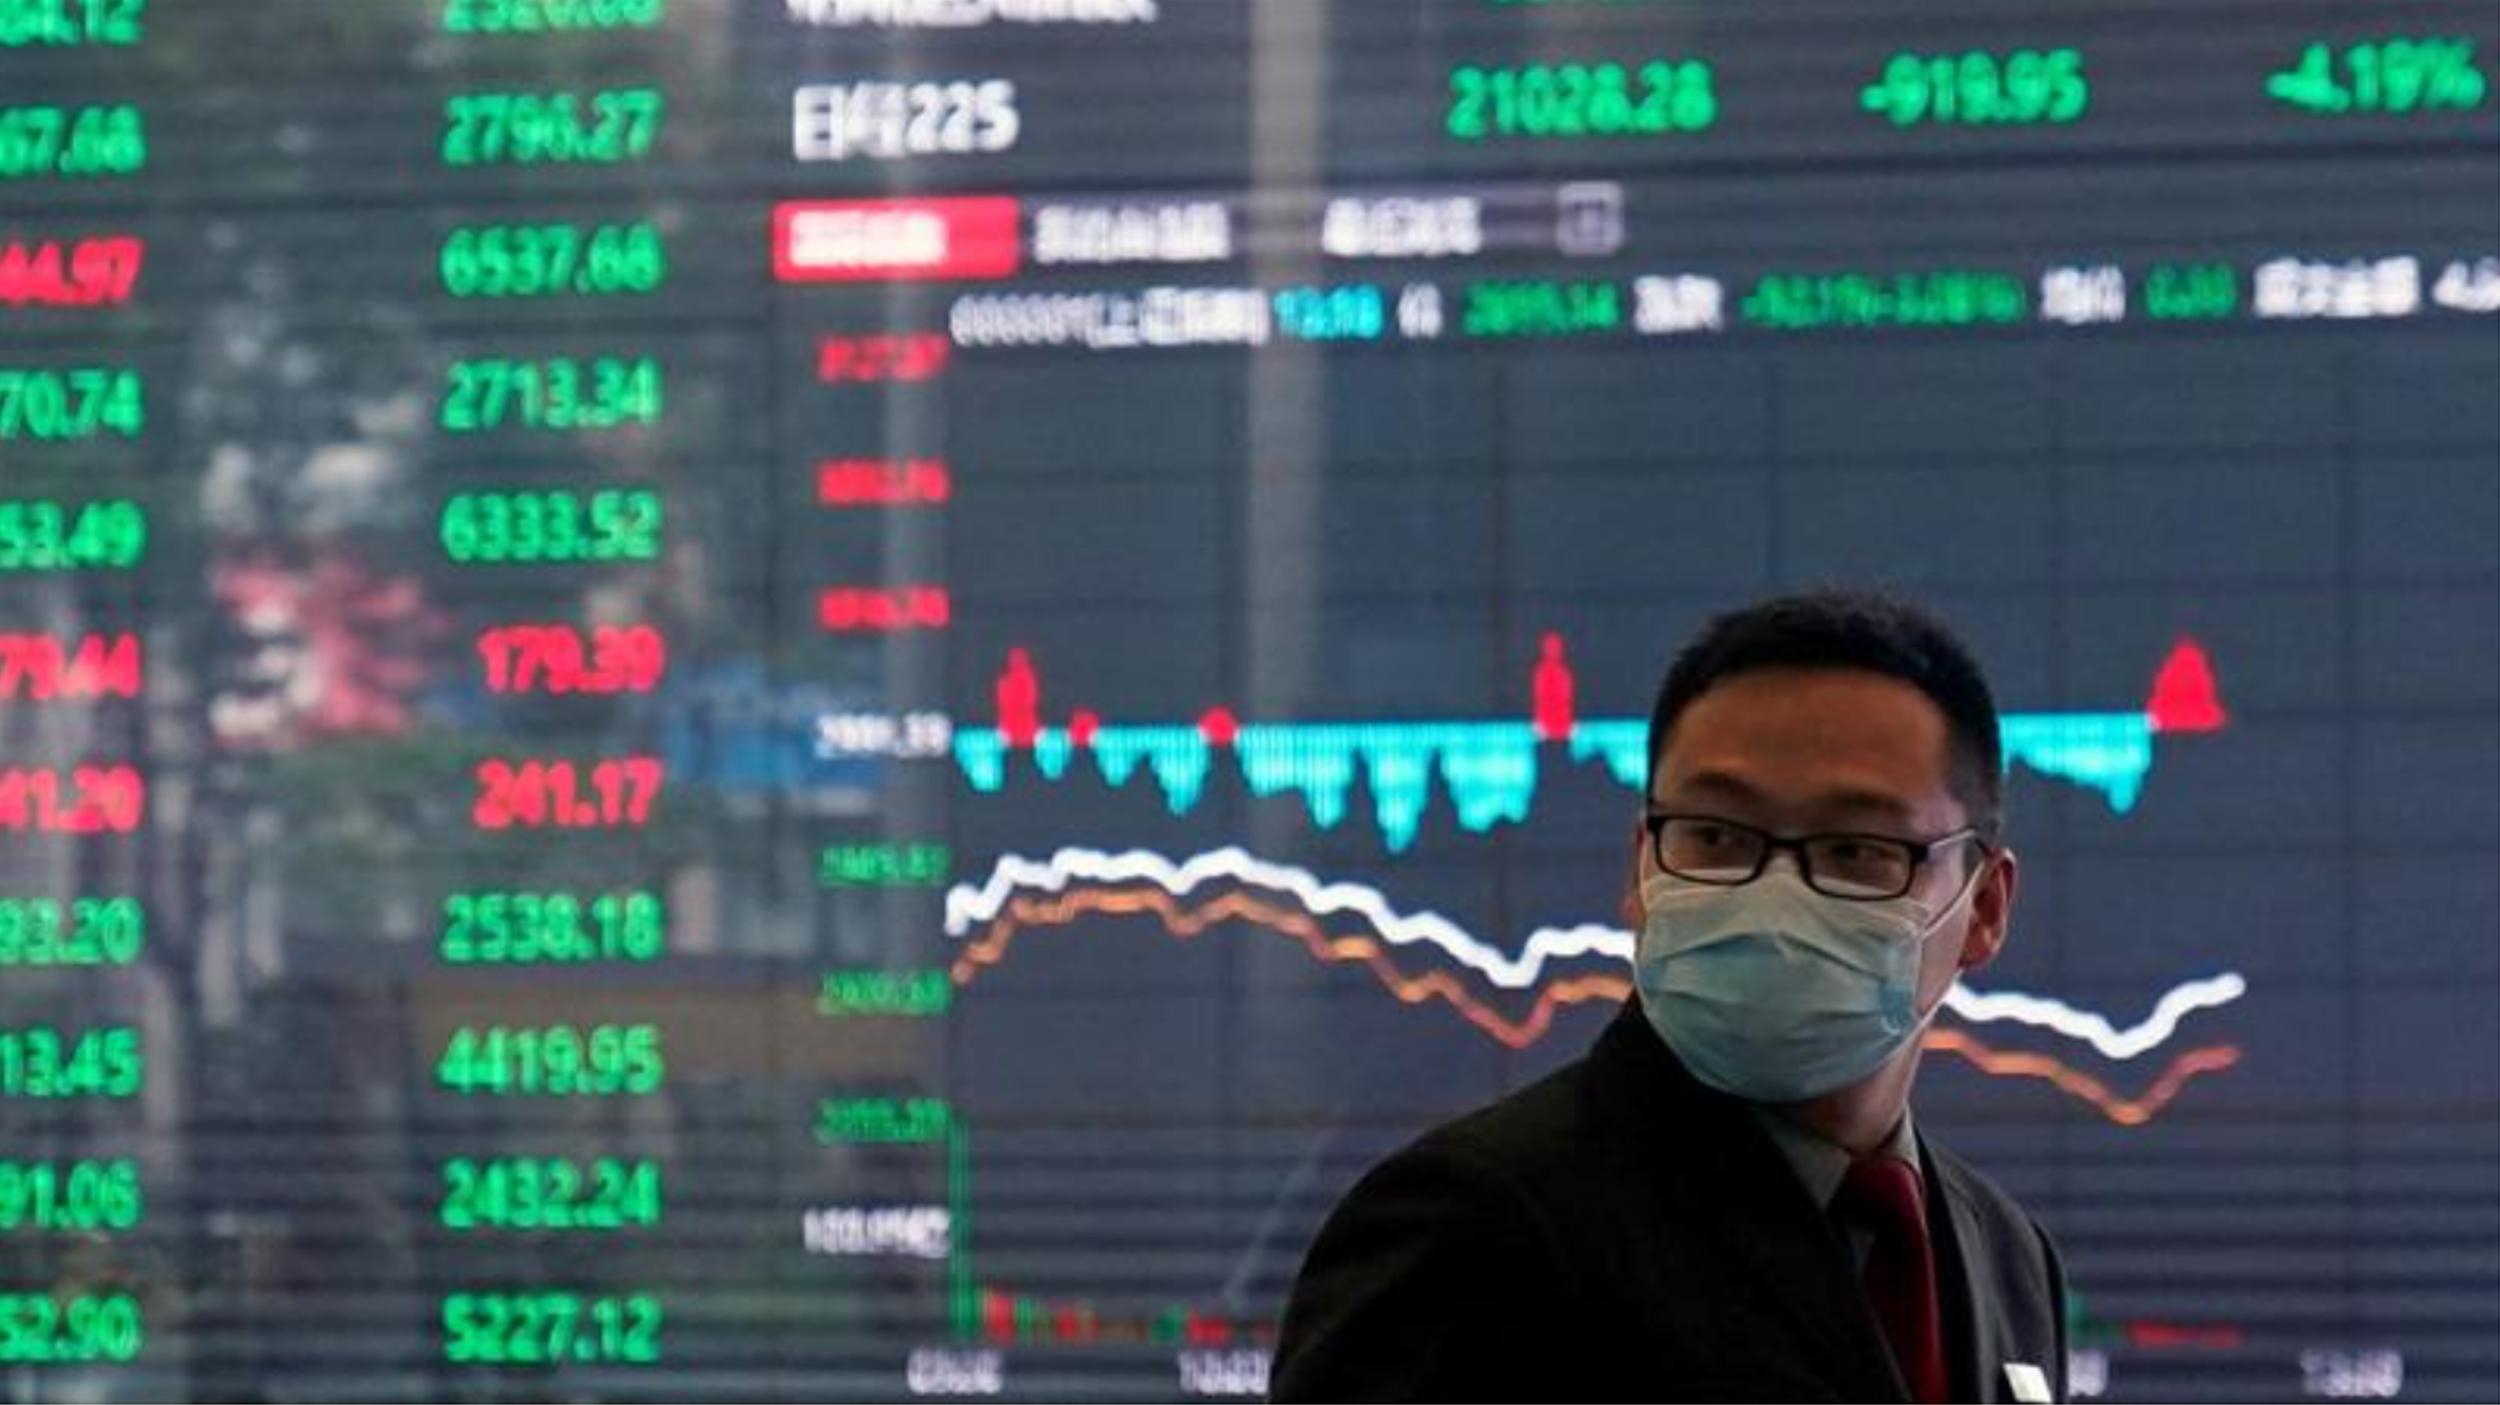 آثار كورونا الاقتصادية: خسائر فادحة ومكاسب ضئيلة ومؤقتة